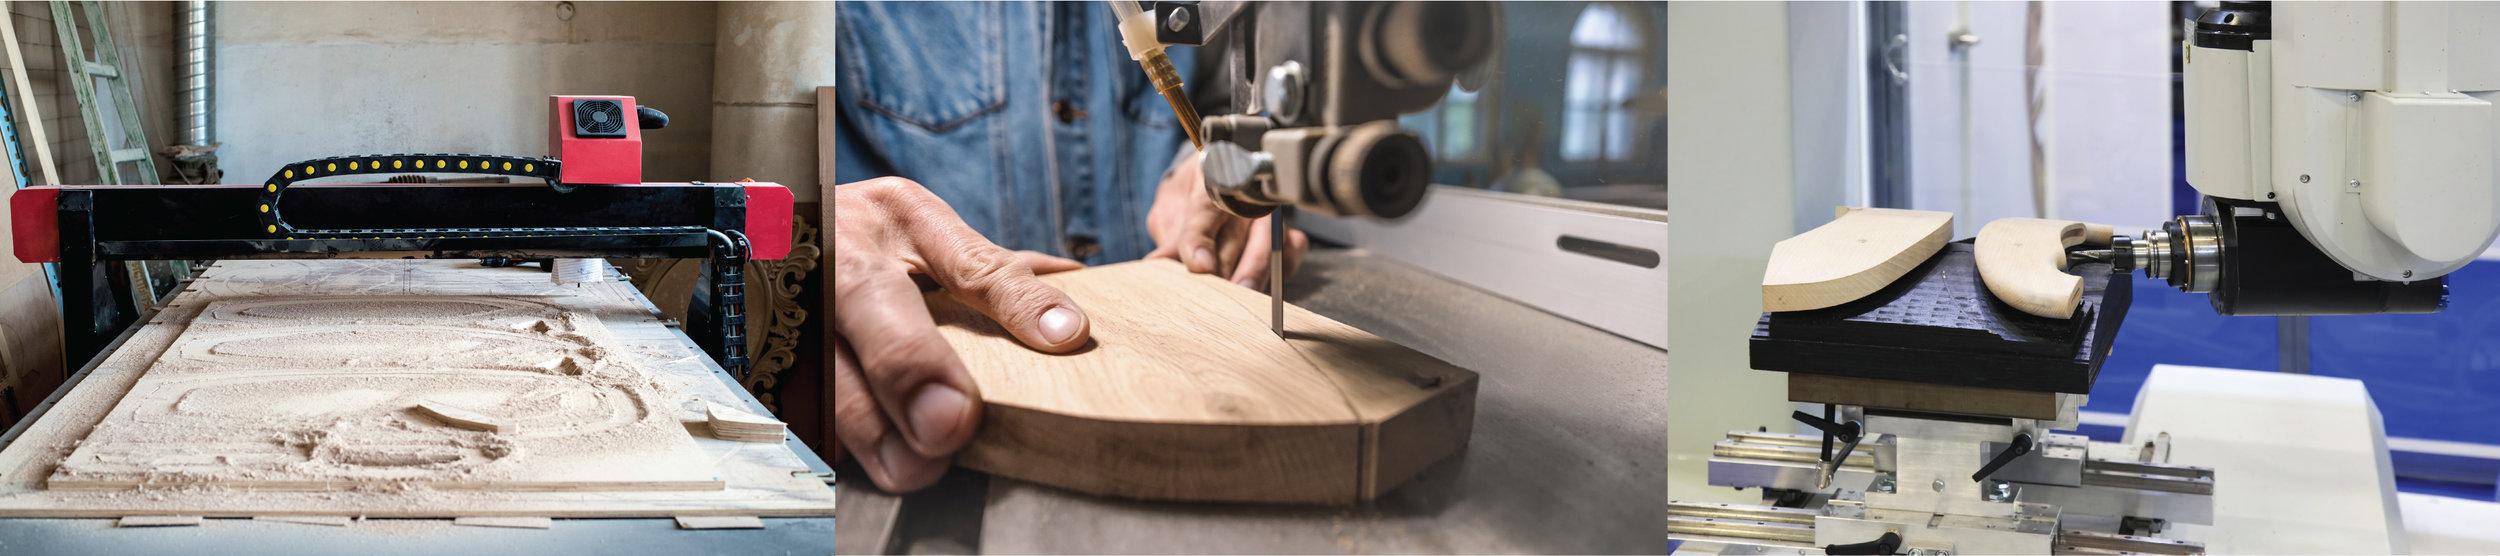 CatMatter-woodworkingprocess.jpg